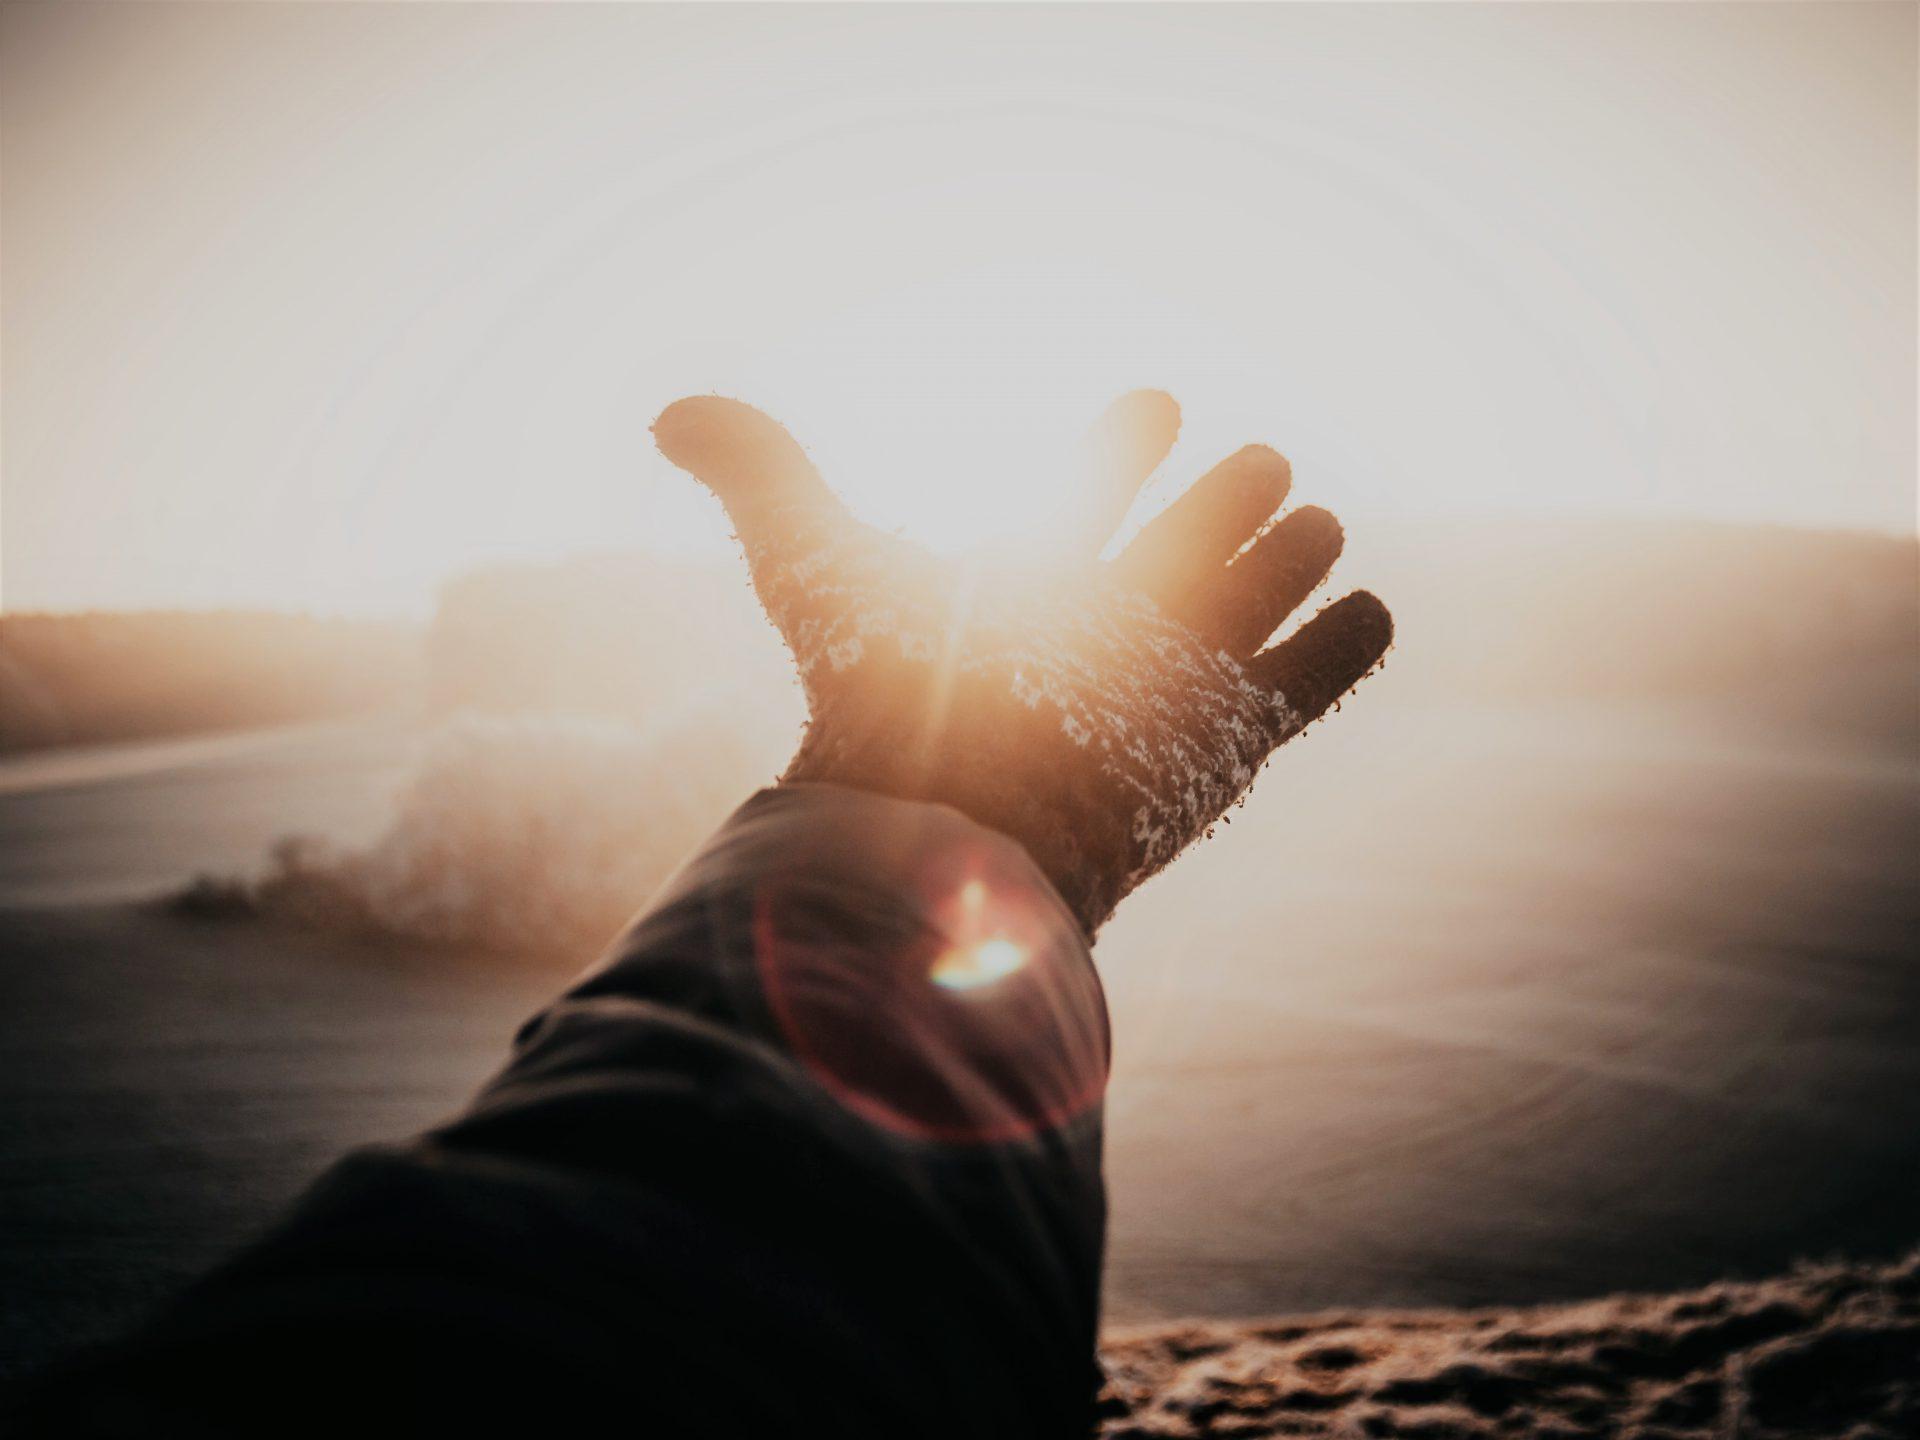 光に手を差し出している。手袋を付けた片手。